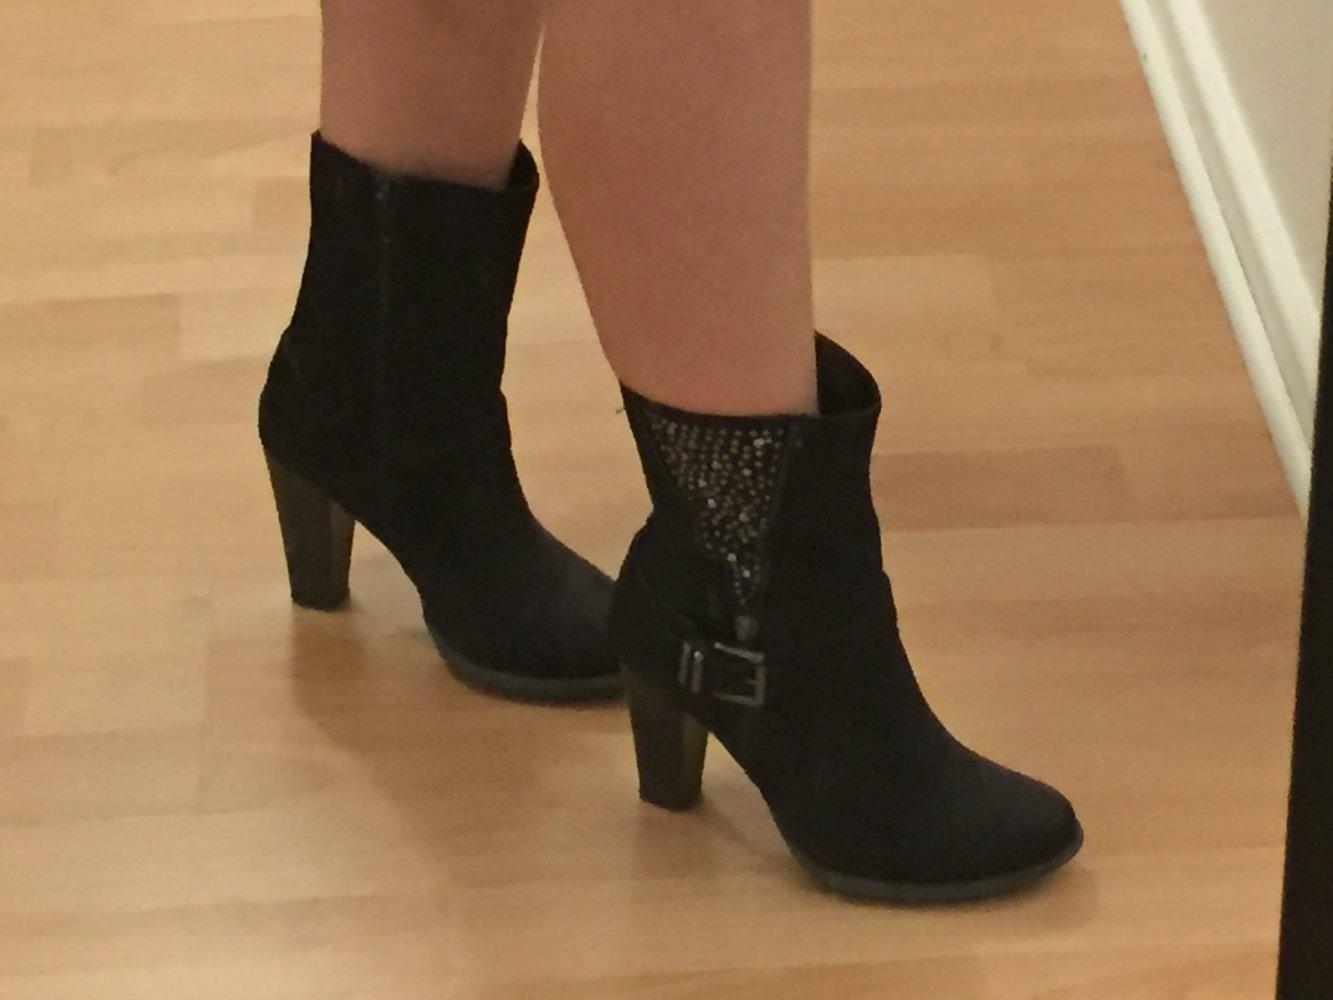 27179a71610b90 schwarze hohe Stiefeletten Größe 36 schwarze hohe Stiefeletten Größe 36 .